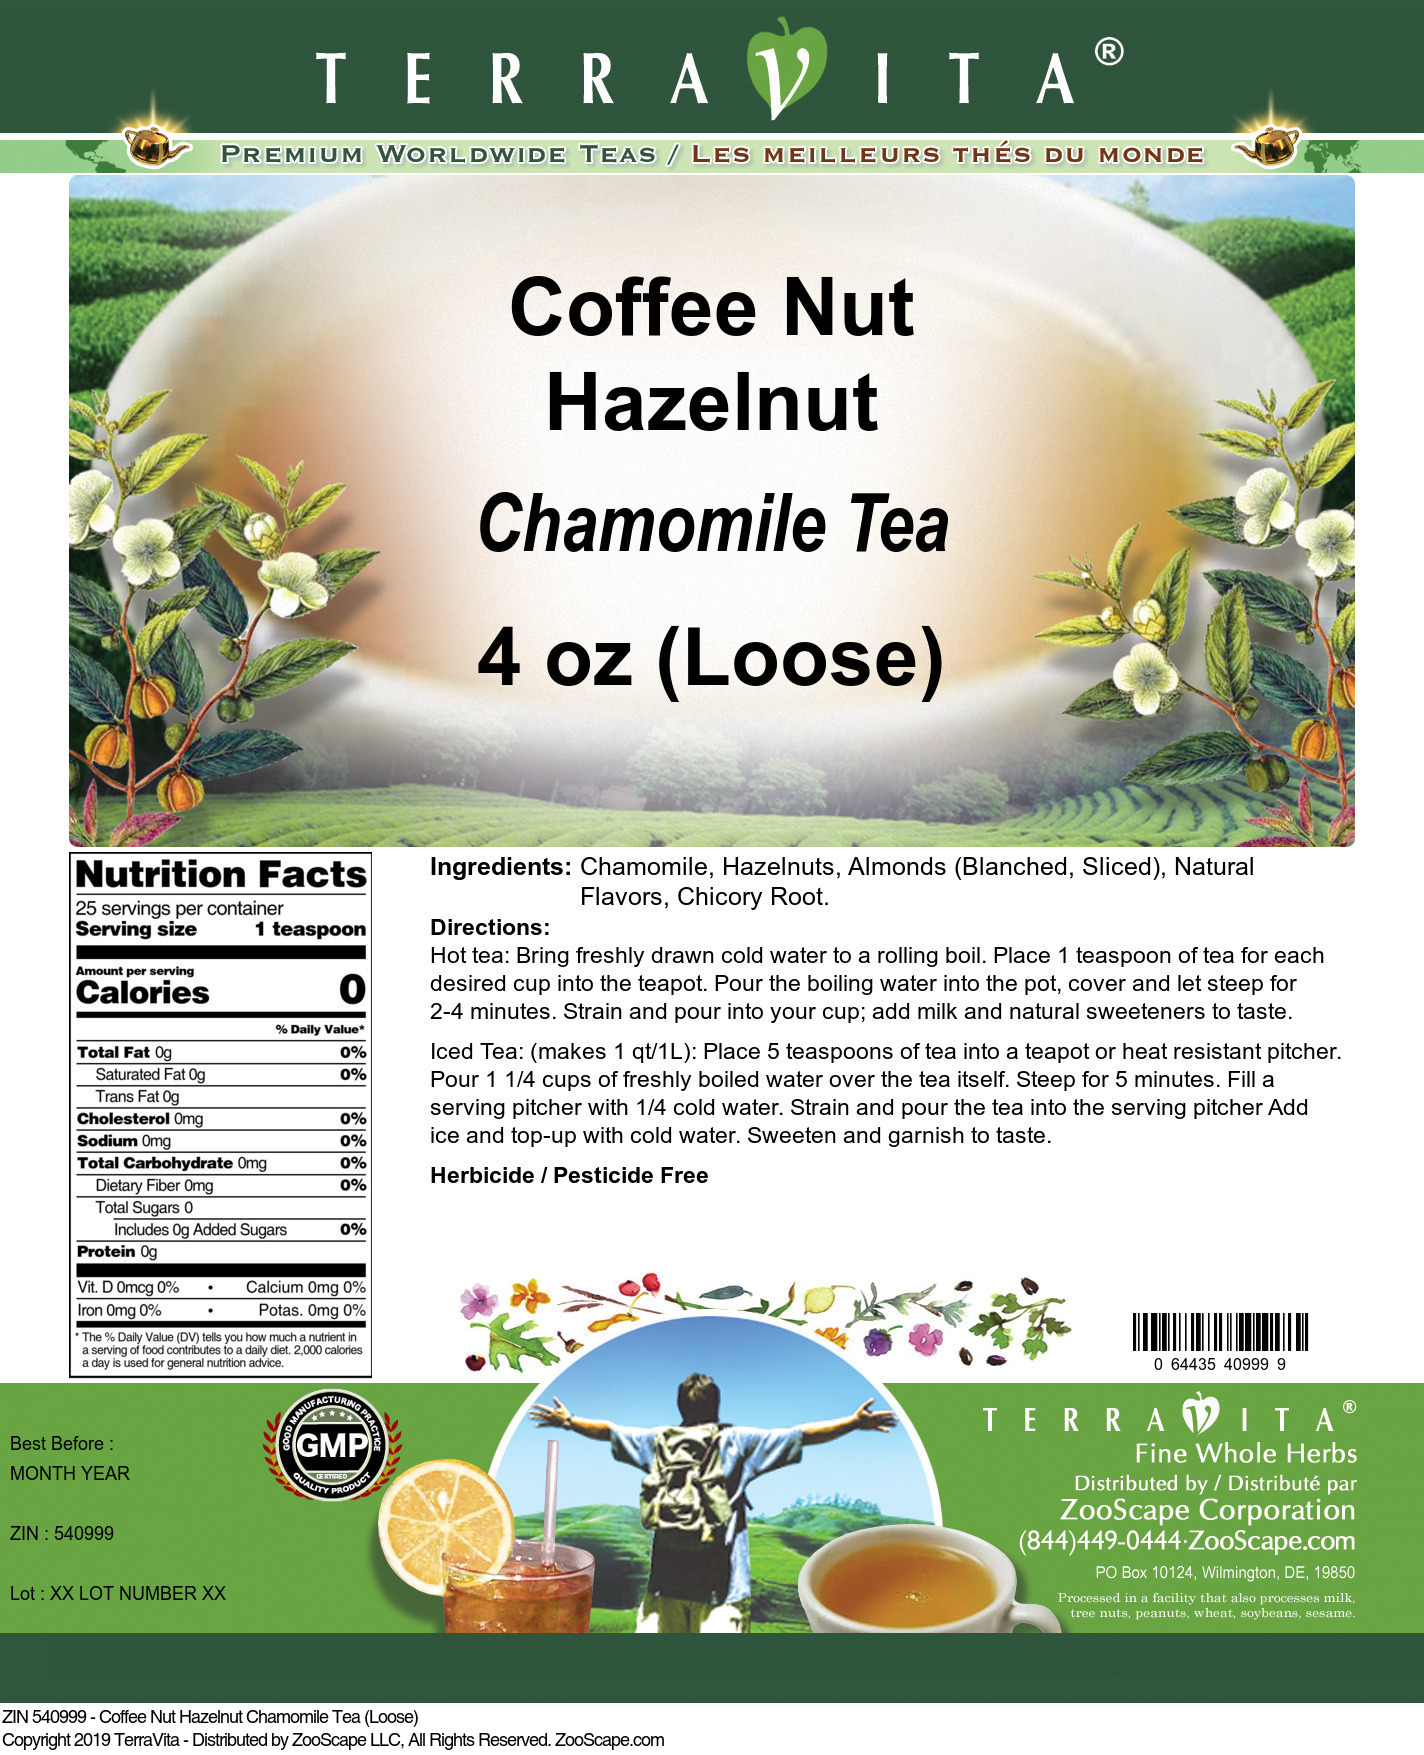 Coffee Nut Hazelnut Chamomile Tea